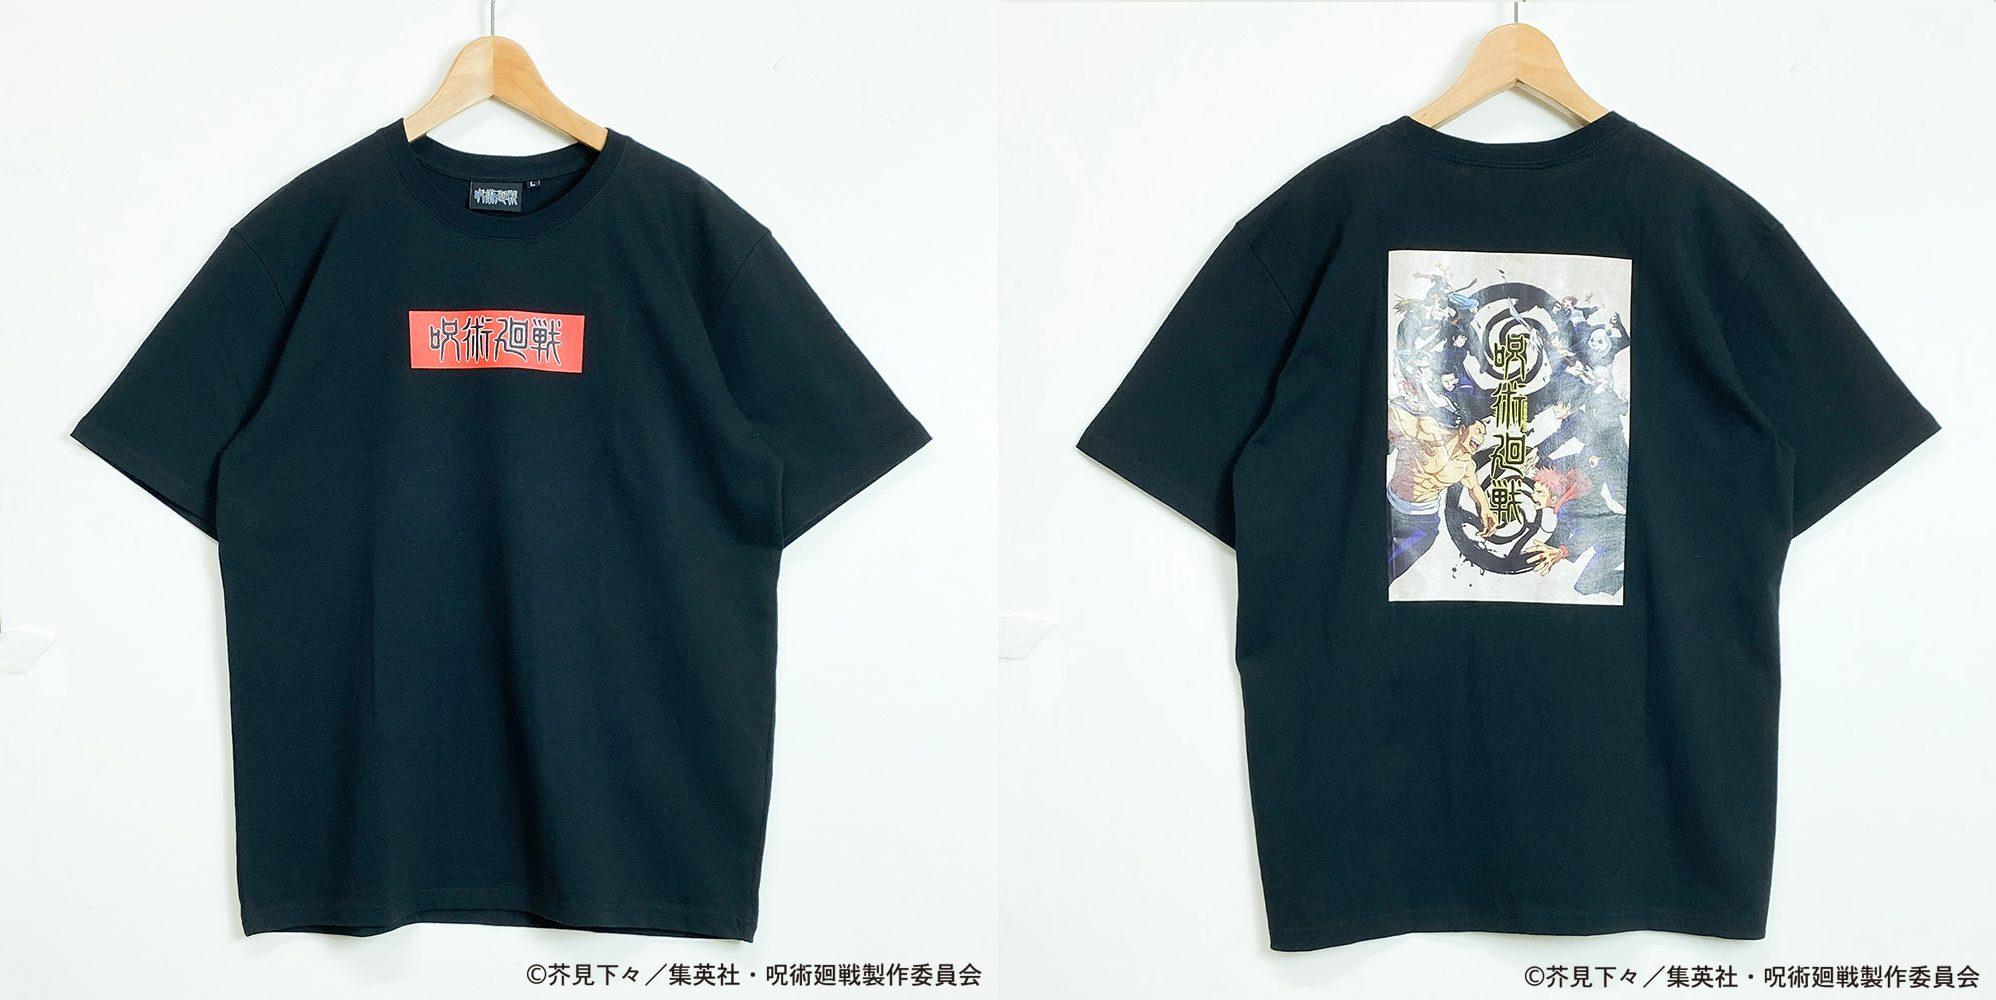 呪術廻戦Tシャツ クロB